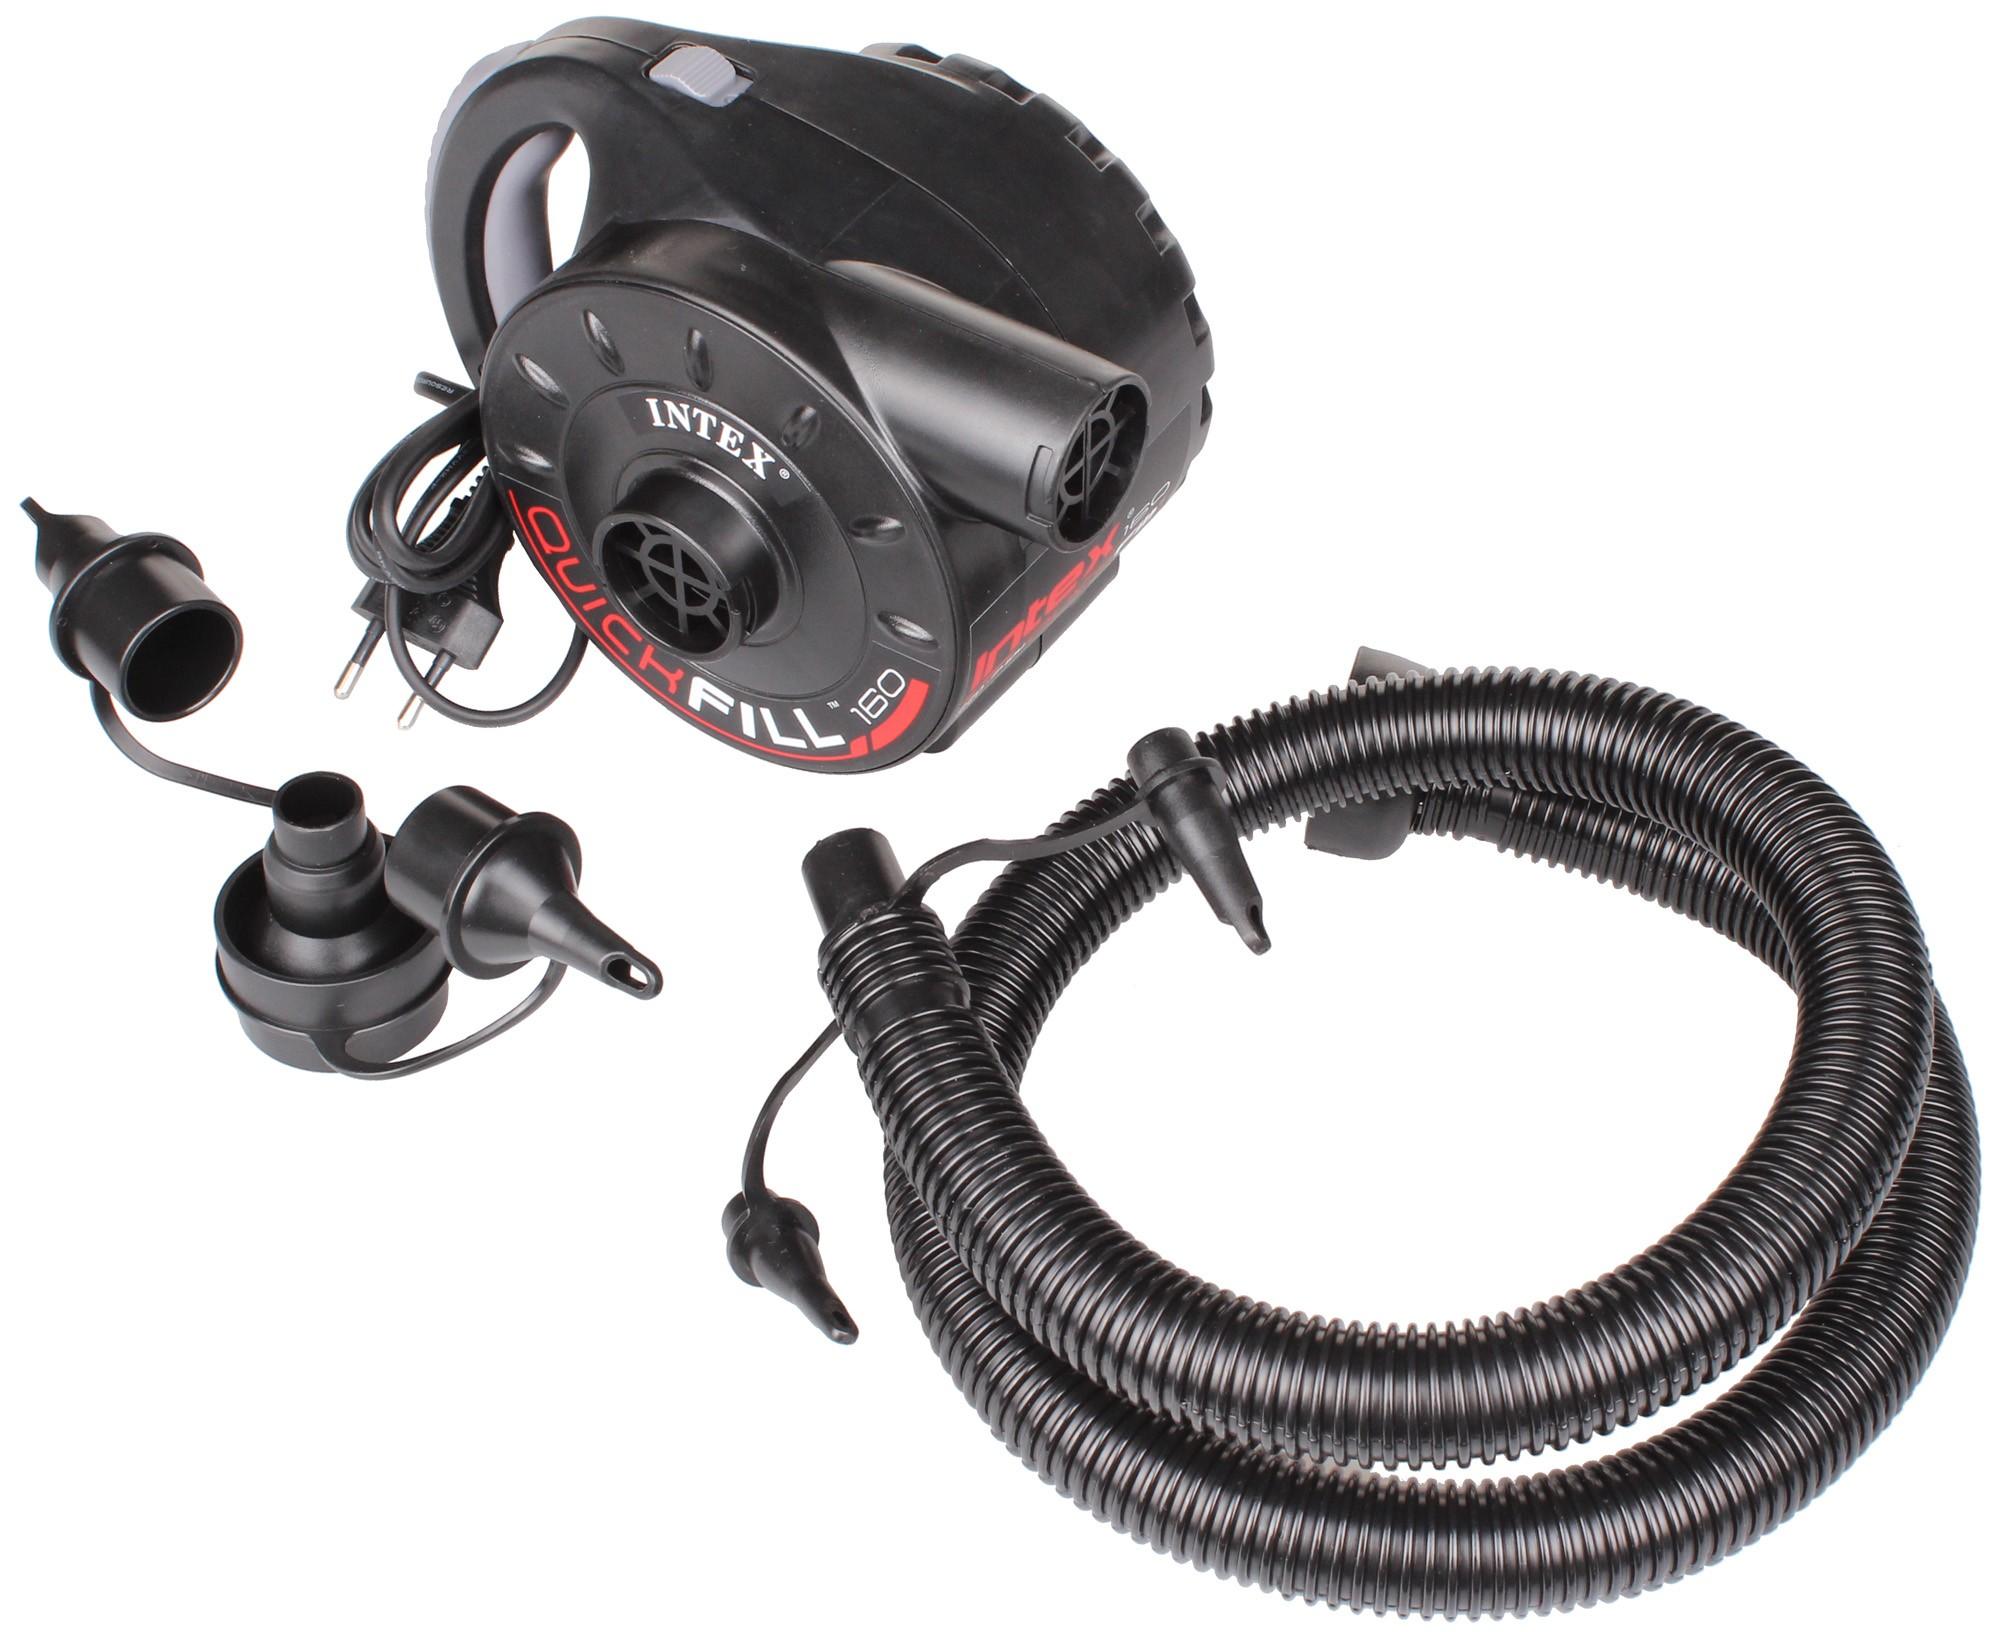 Pompa de aer electrica,3 adaptoare, maner egonomic, alimentare priza 220V